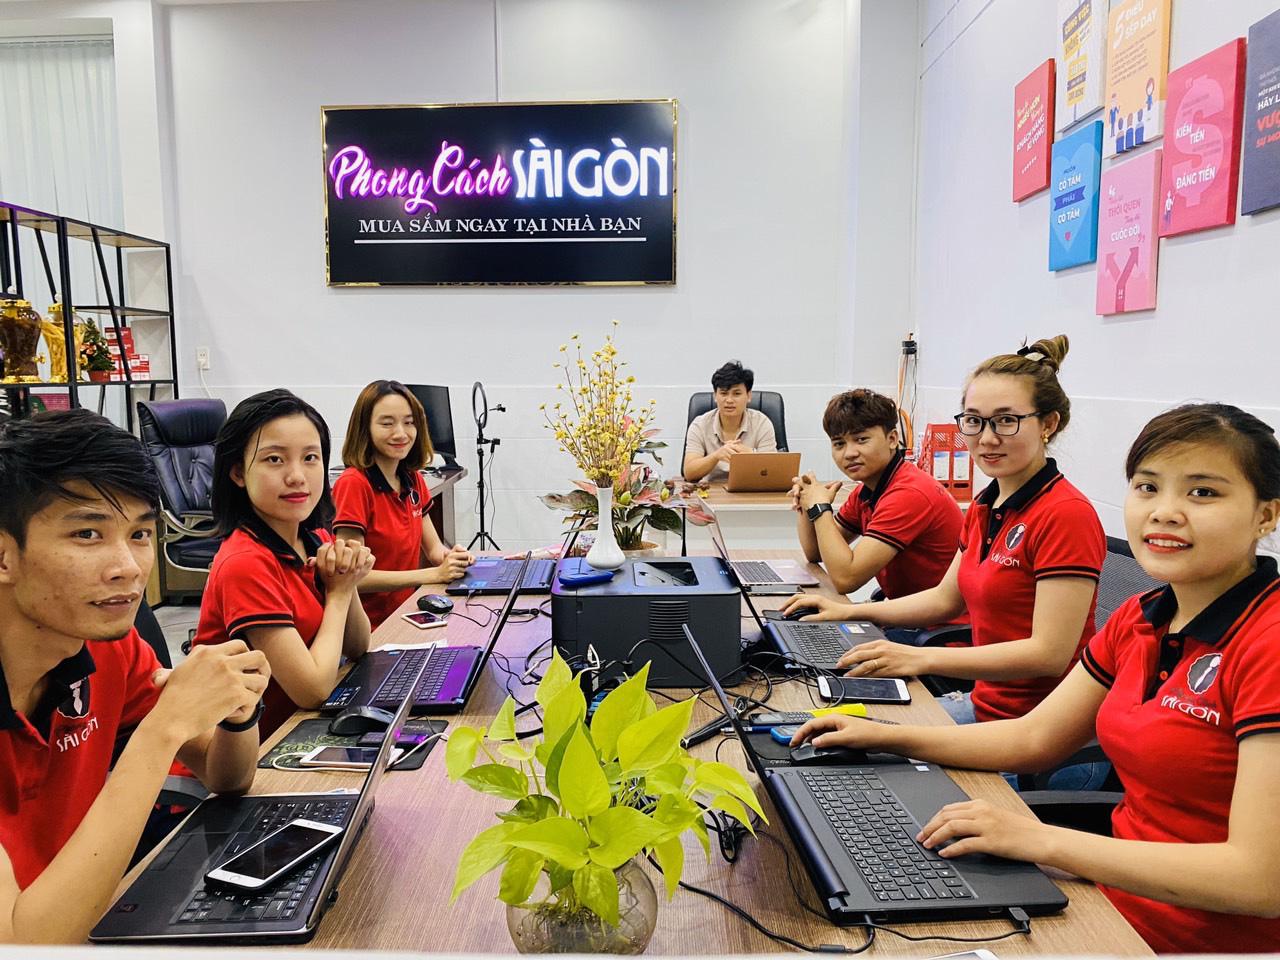 Phong cách Sài Gòn – địa điểm mua sắm trực tuyến đáng tin cậy! - Ảnh 3.